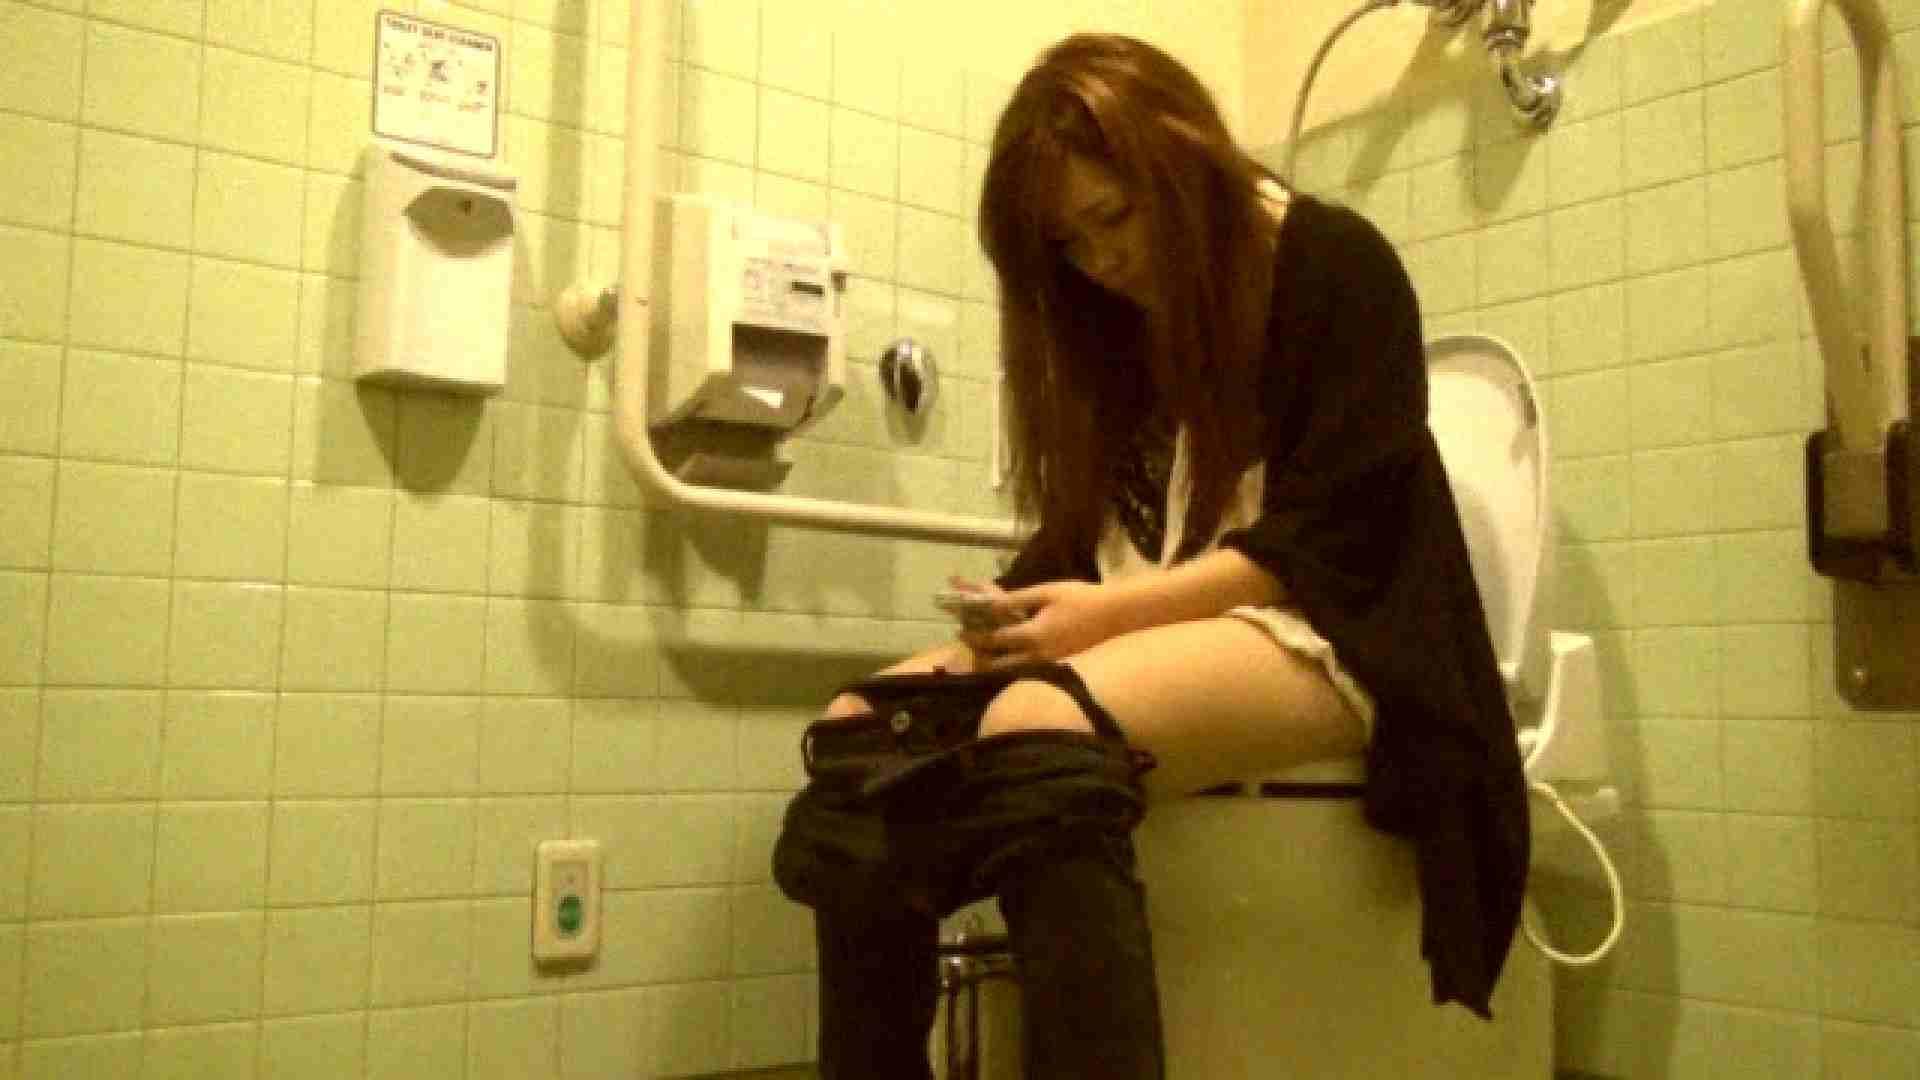 魔術師の お・も・て・な・し vol.26 19歳のバーの店員さんの洗面所をしばし… 洗面所 | 美女OL  54連発 19